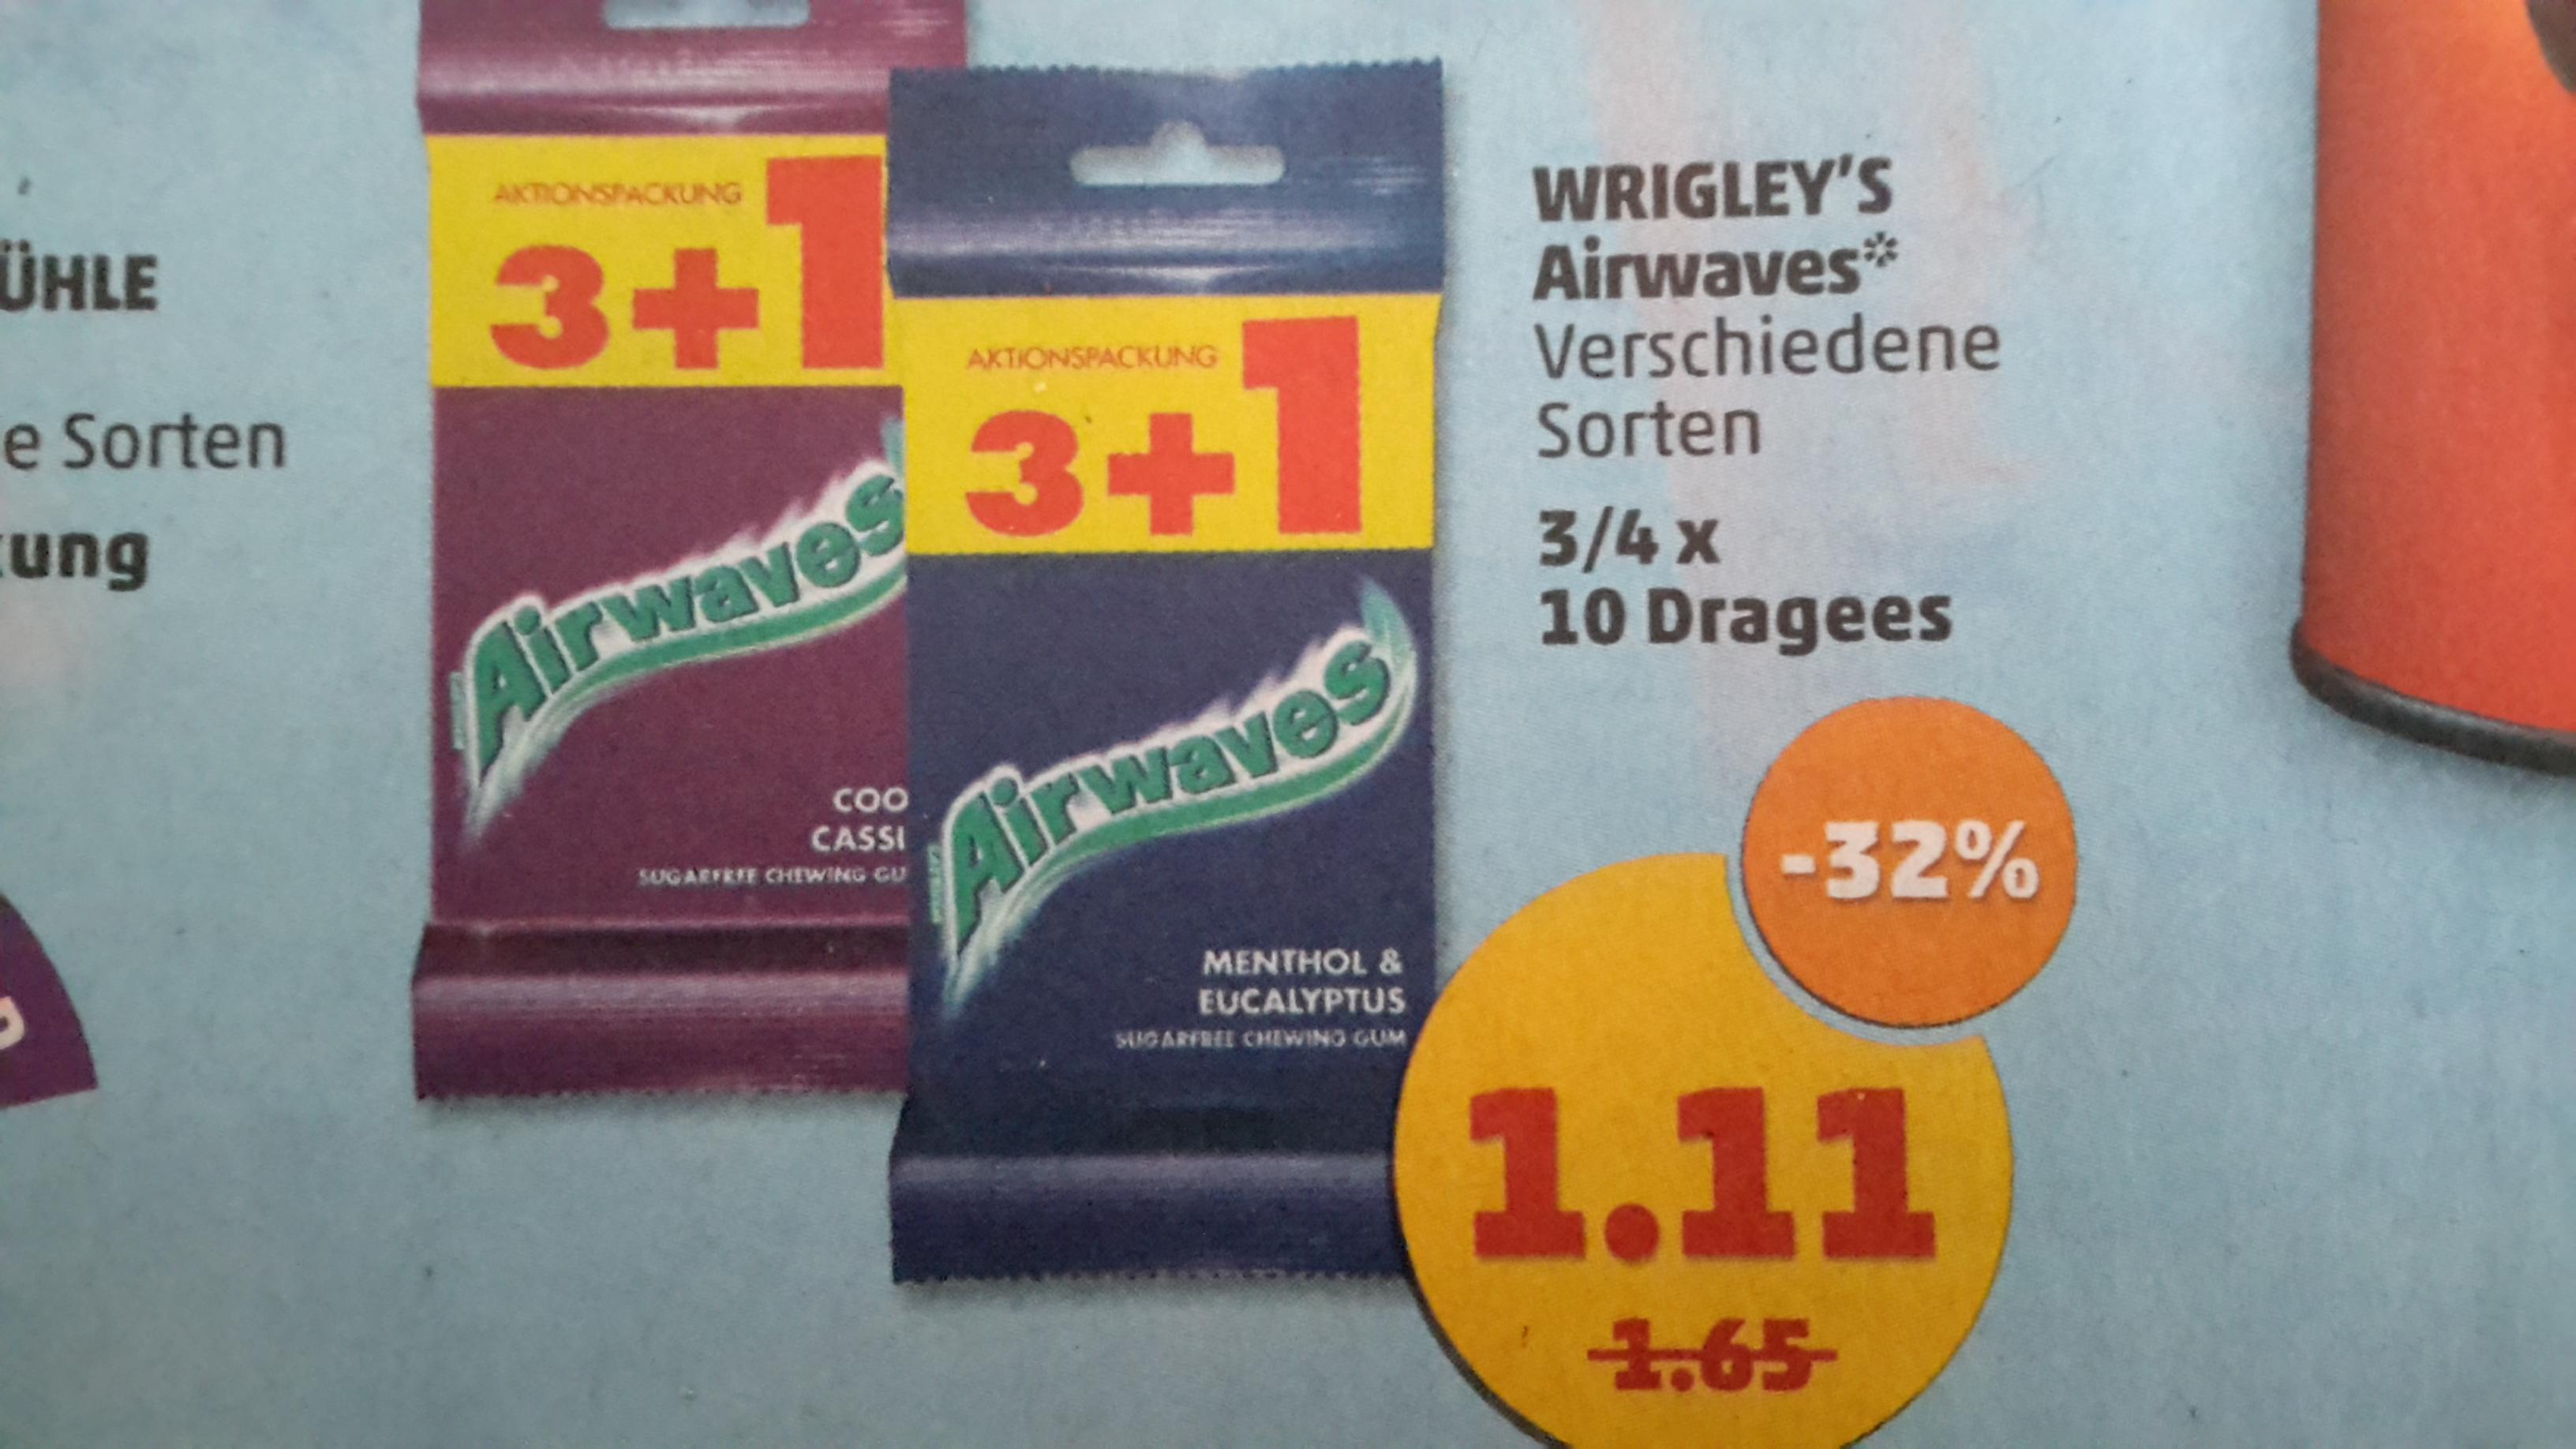 [Penny] Airwaves Kaugummi 4 x 10 Dragees für 1,11 €